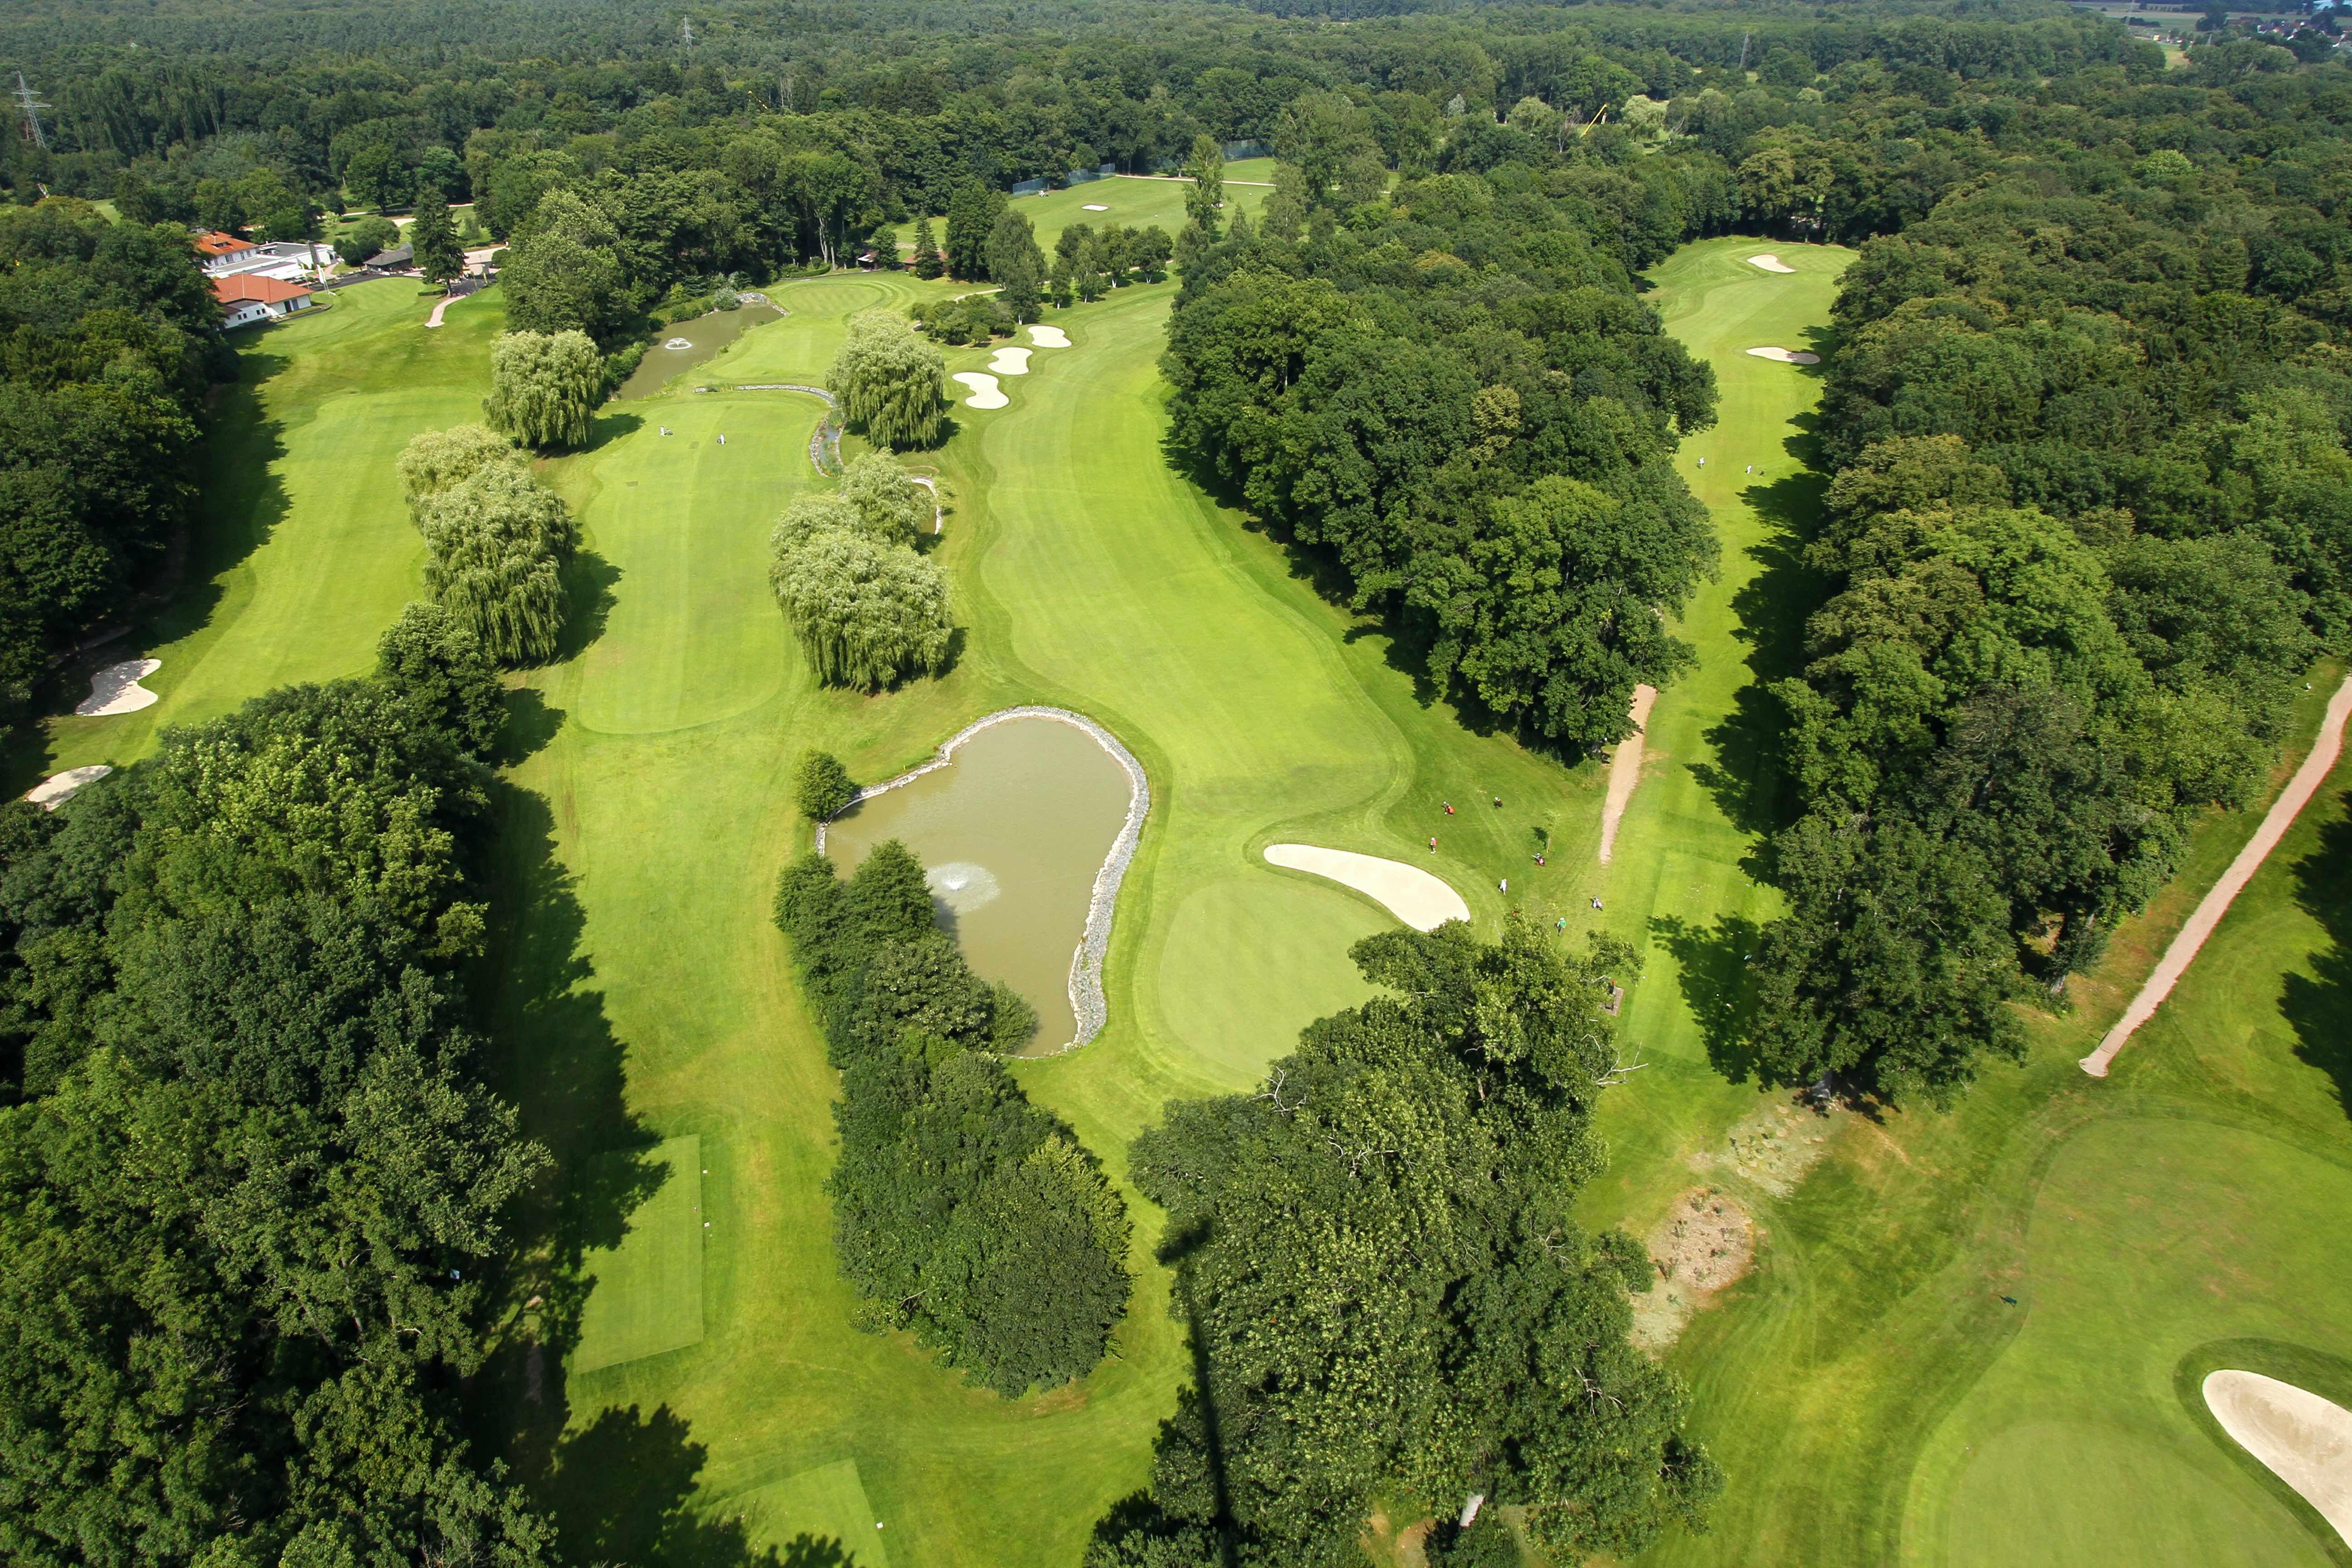 Golf&Natur-Gold-Zertifikat für den Golf Club Hanau-Wilhelmsbad